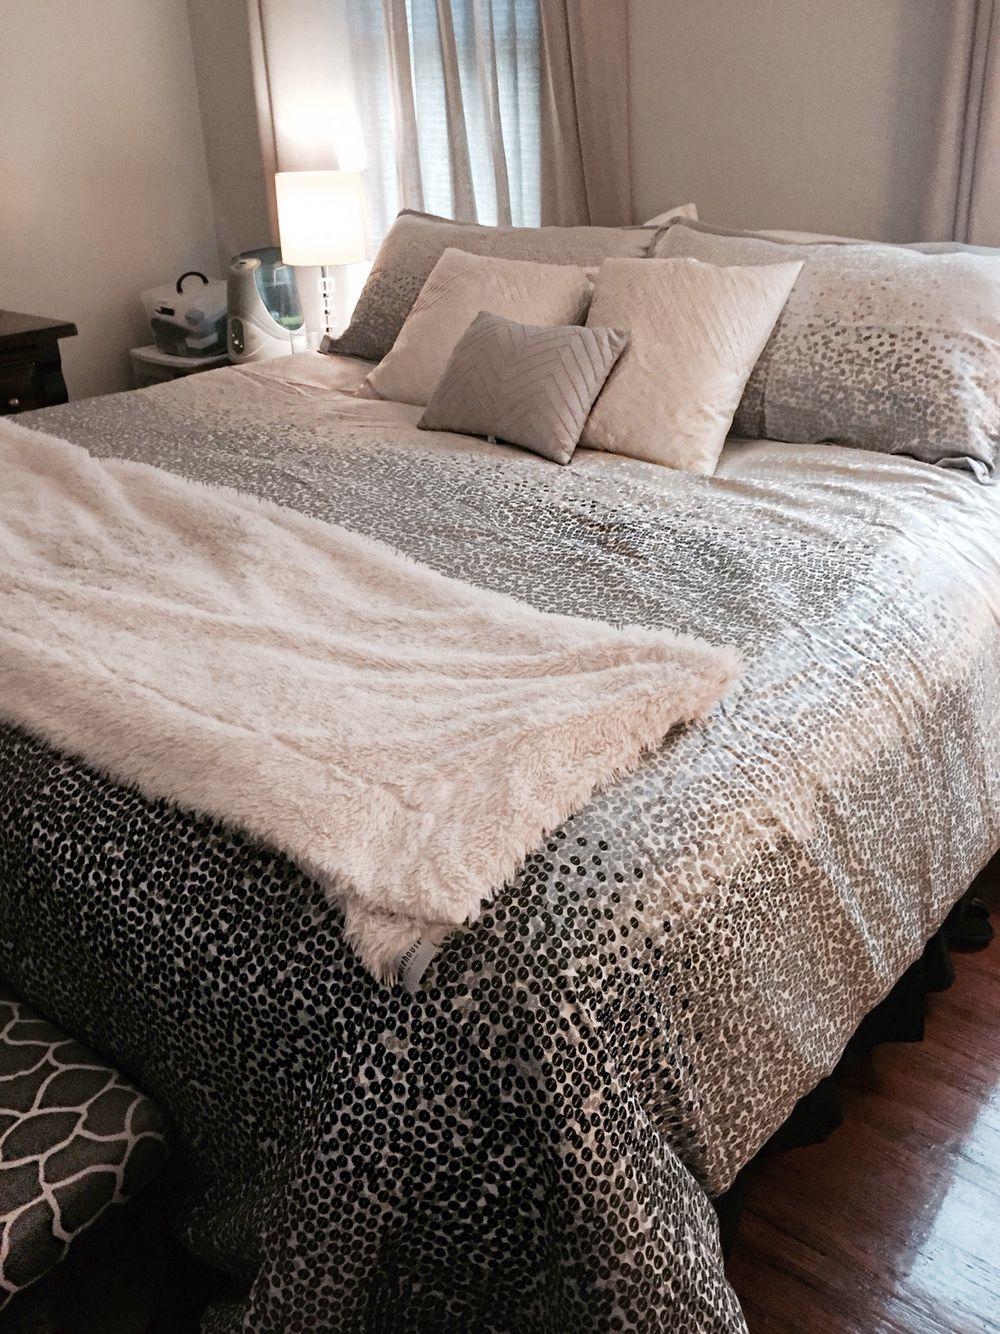 Jennifer Lopez Bedding At Kohls Really Makes A Room Bed